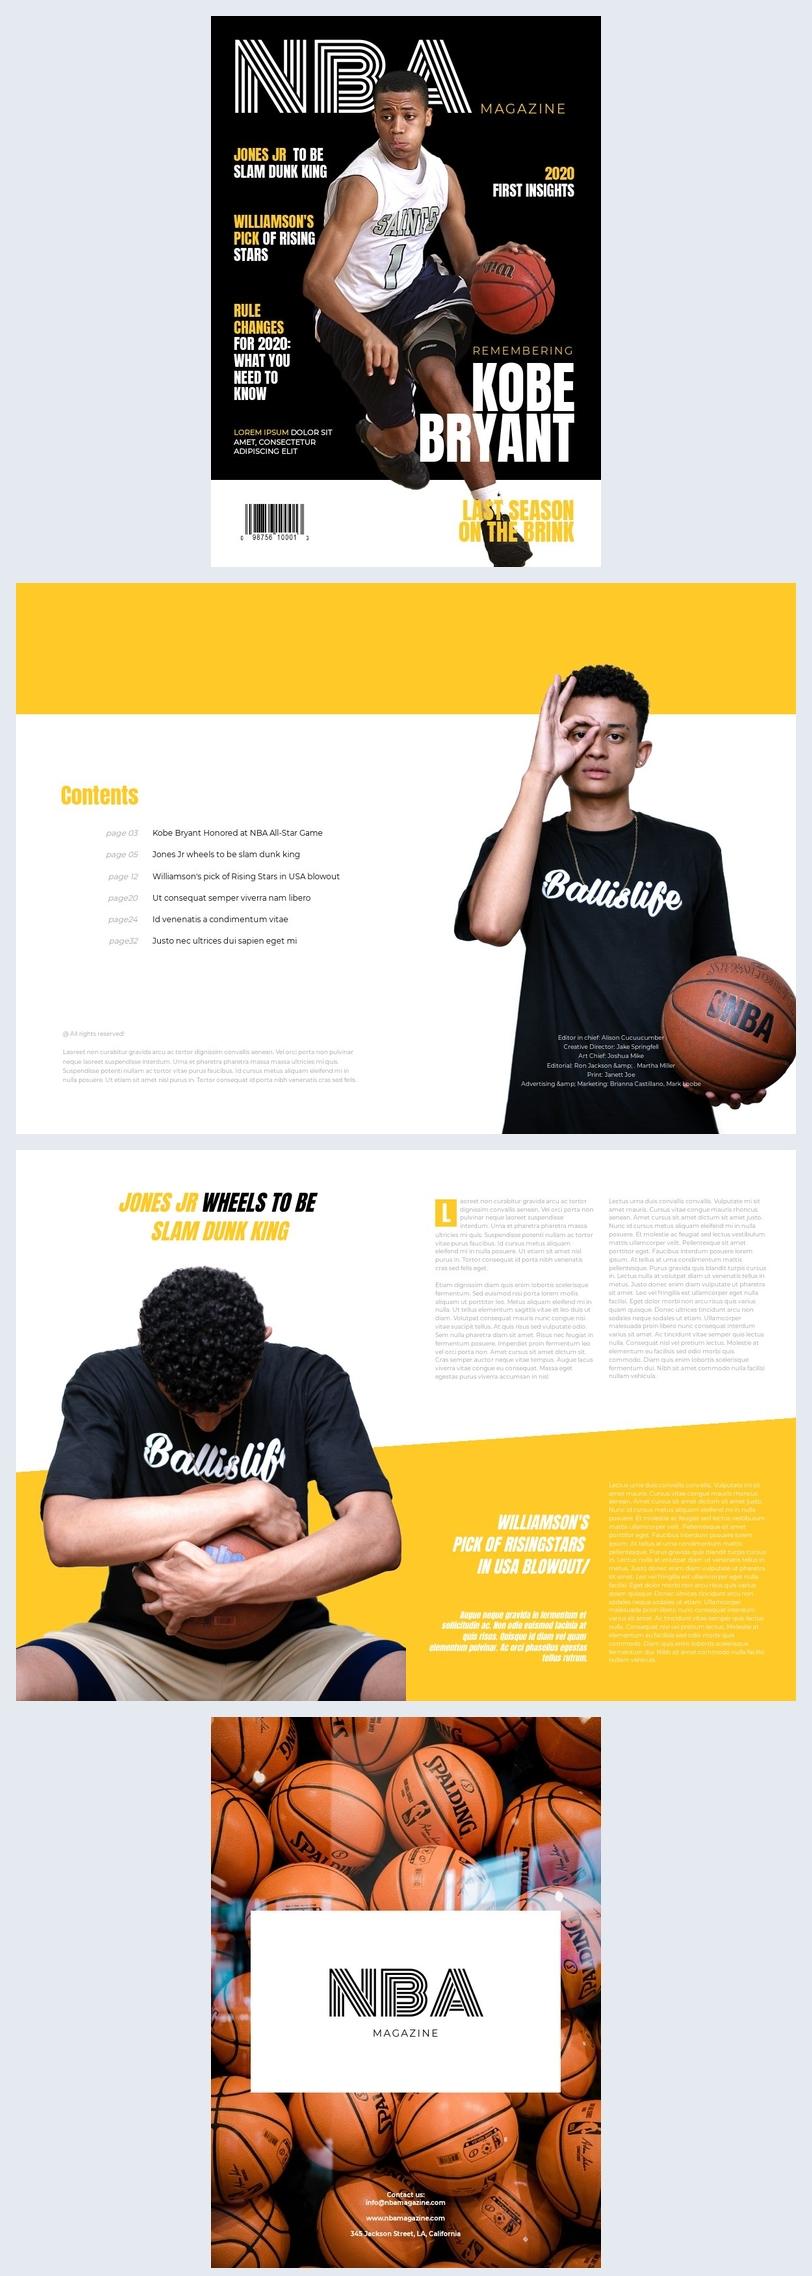 Modello per rivista di basket